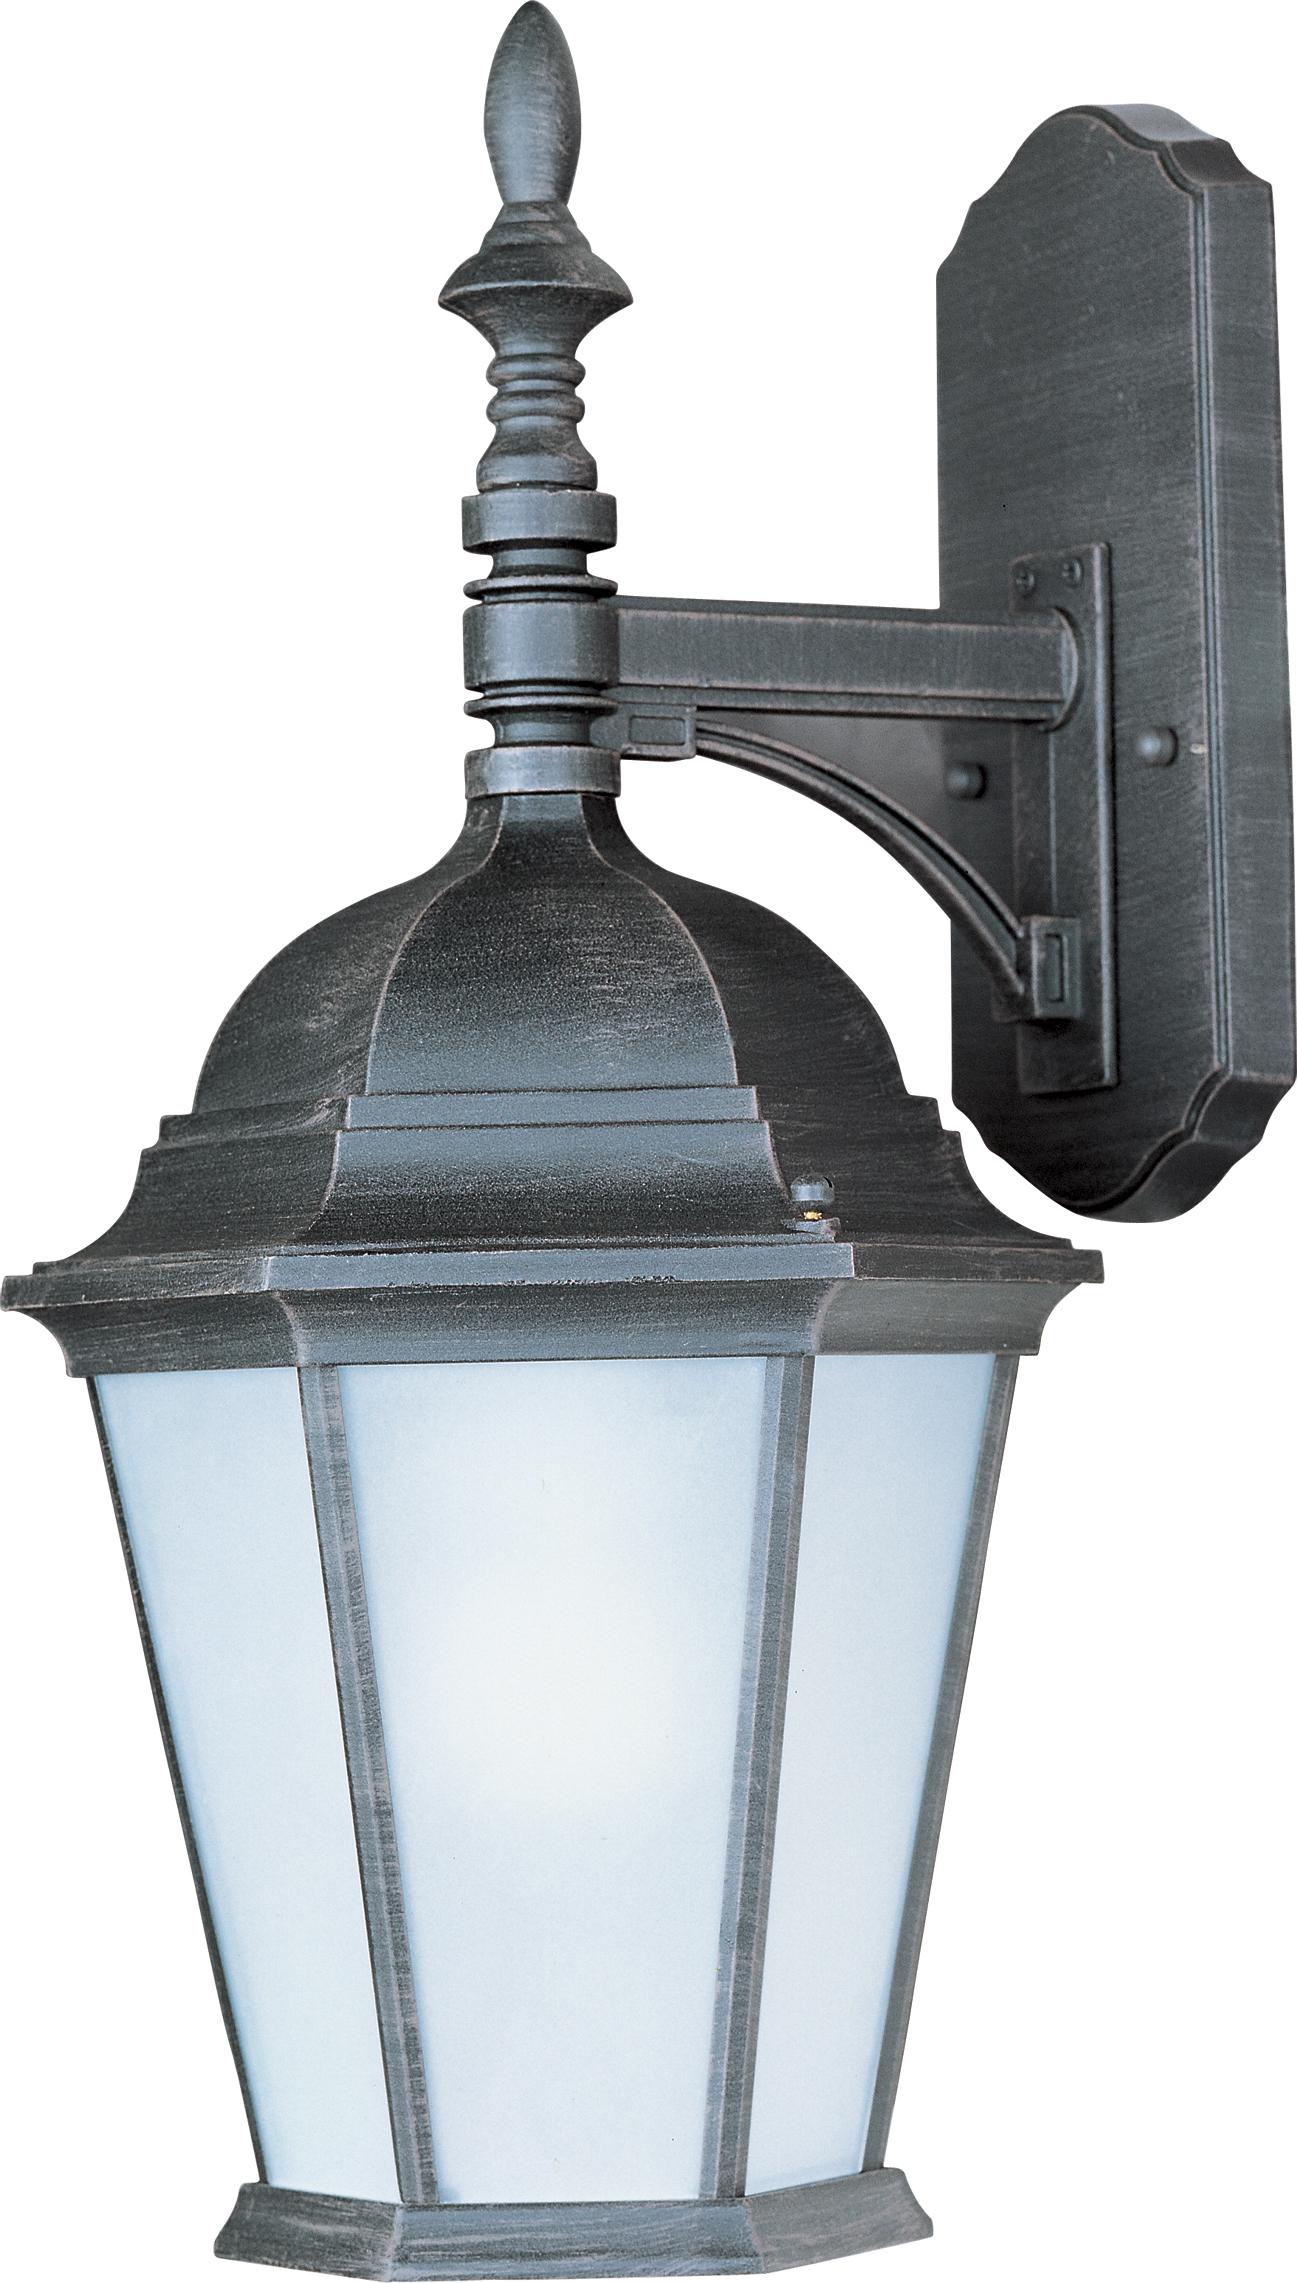 Westlake LED Outdoor Wall Lantern | Maxim Lighting